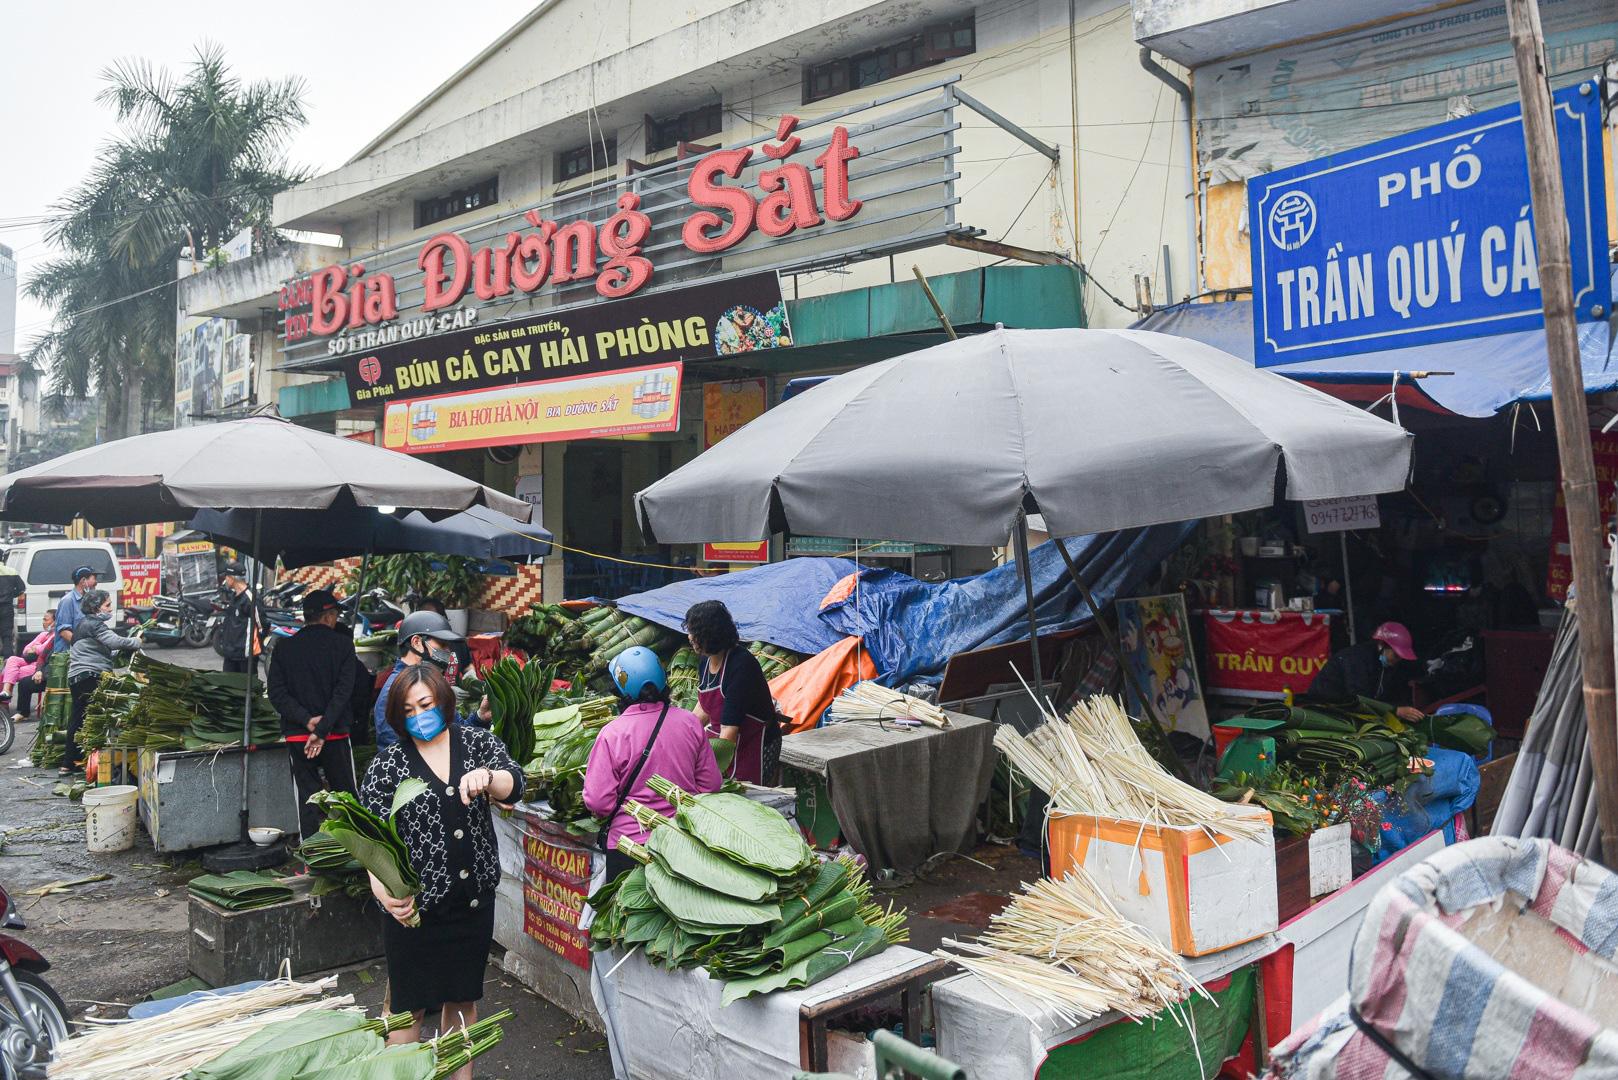 Phiên chợ họp ngày cuối năm, chỉ bán lá dong rừng, lạt tre ở Hà Nội - Ảnh 1.